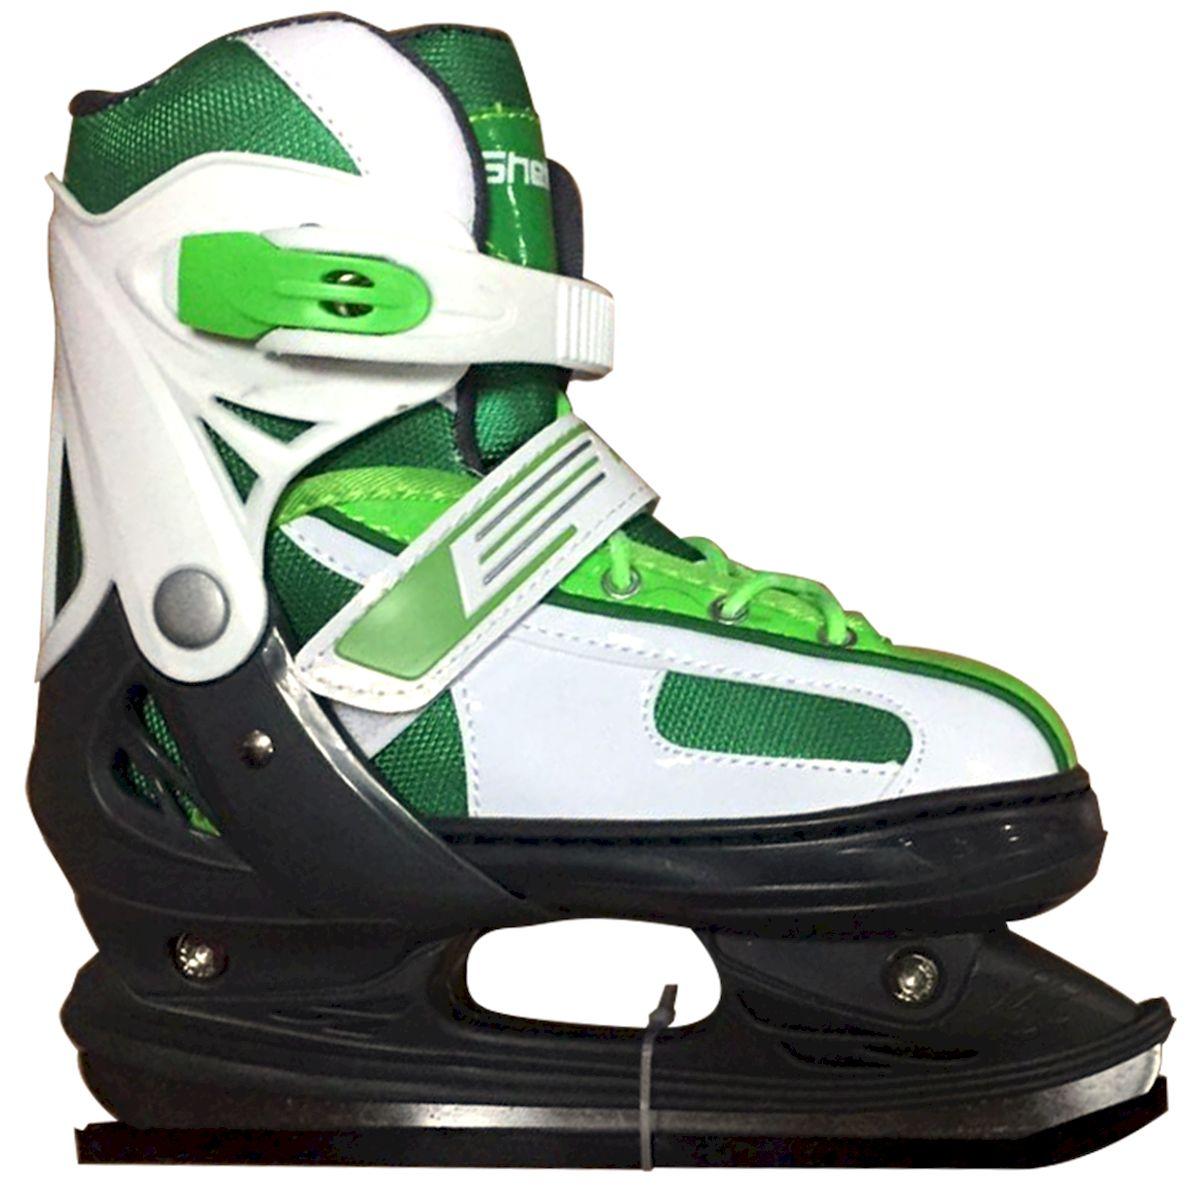 Коньки раздвижные Ice Blade Shelby, цвет: черный, зеленый, белый. УТ-00009127. Размер S (30/33)УТ-00009127Коньки раздвижные Shelby - это классические раздвижные коньки от известного бренда Ice Blade, которые предназначены для детей и подростков, а также для тех, кто делает первые шаги в катании на льду. Коньки имеют яркий молодежный дизайн, теплый внутренний сапожок, удобная трехуровневая система фиксации ноги, легкая смена размера, надежная защита пятки и носка - все это бесспорные преимущества модели. Коньки поставляются с заводской заточкой лезвия, что позволяет сразу приступить к катанию и не тратить денег на заточку. Предназначены для использования на открытом и закрытом льду. Характеристики: Тип фиксации: клипса с фиксатором, липучка, шнурки Материал ботинка: морозостойкий пластик Внутренняя отделка: теплый текстильный материал Лезвие: выполнено из высокоуглеродистой стали с покрытием из никеля Упаковка: удобная сумка